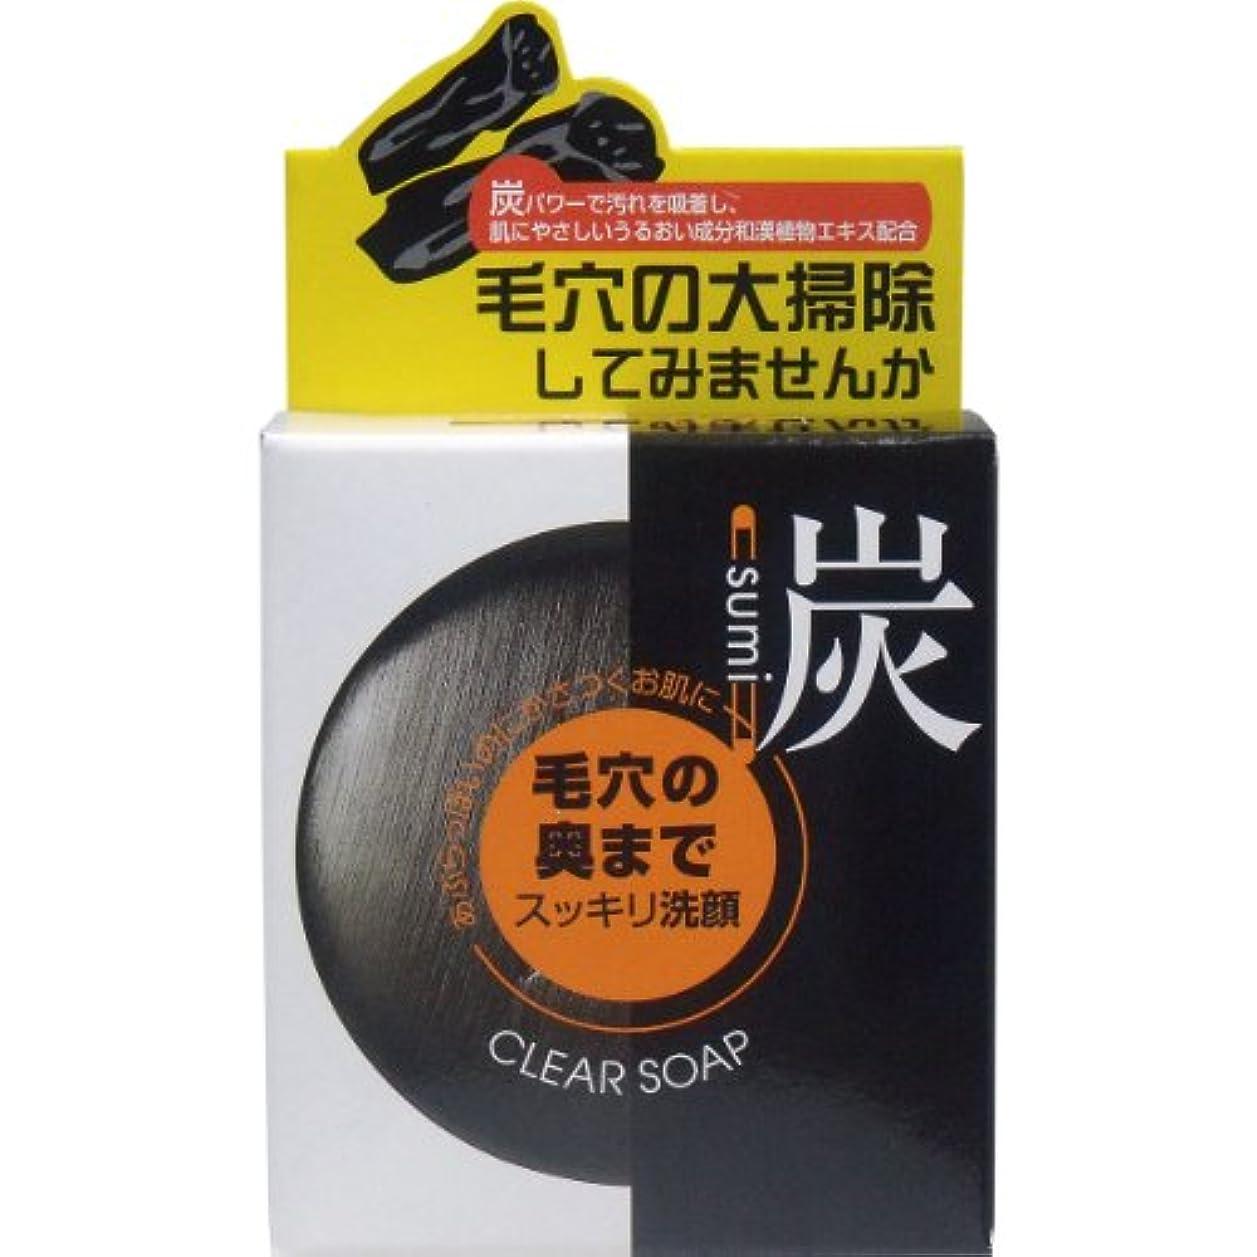 ビット返済机ユゼ 炭透明石けん 5セット